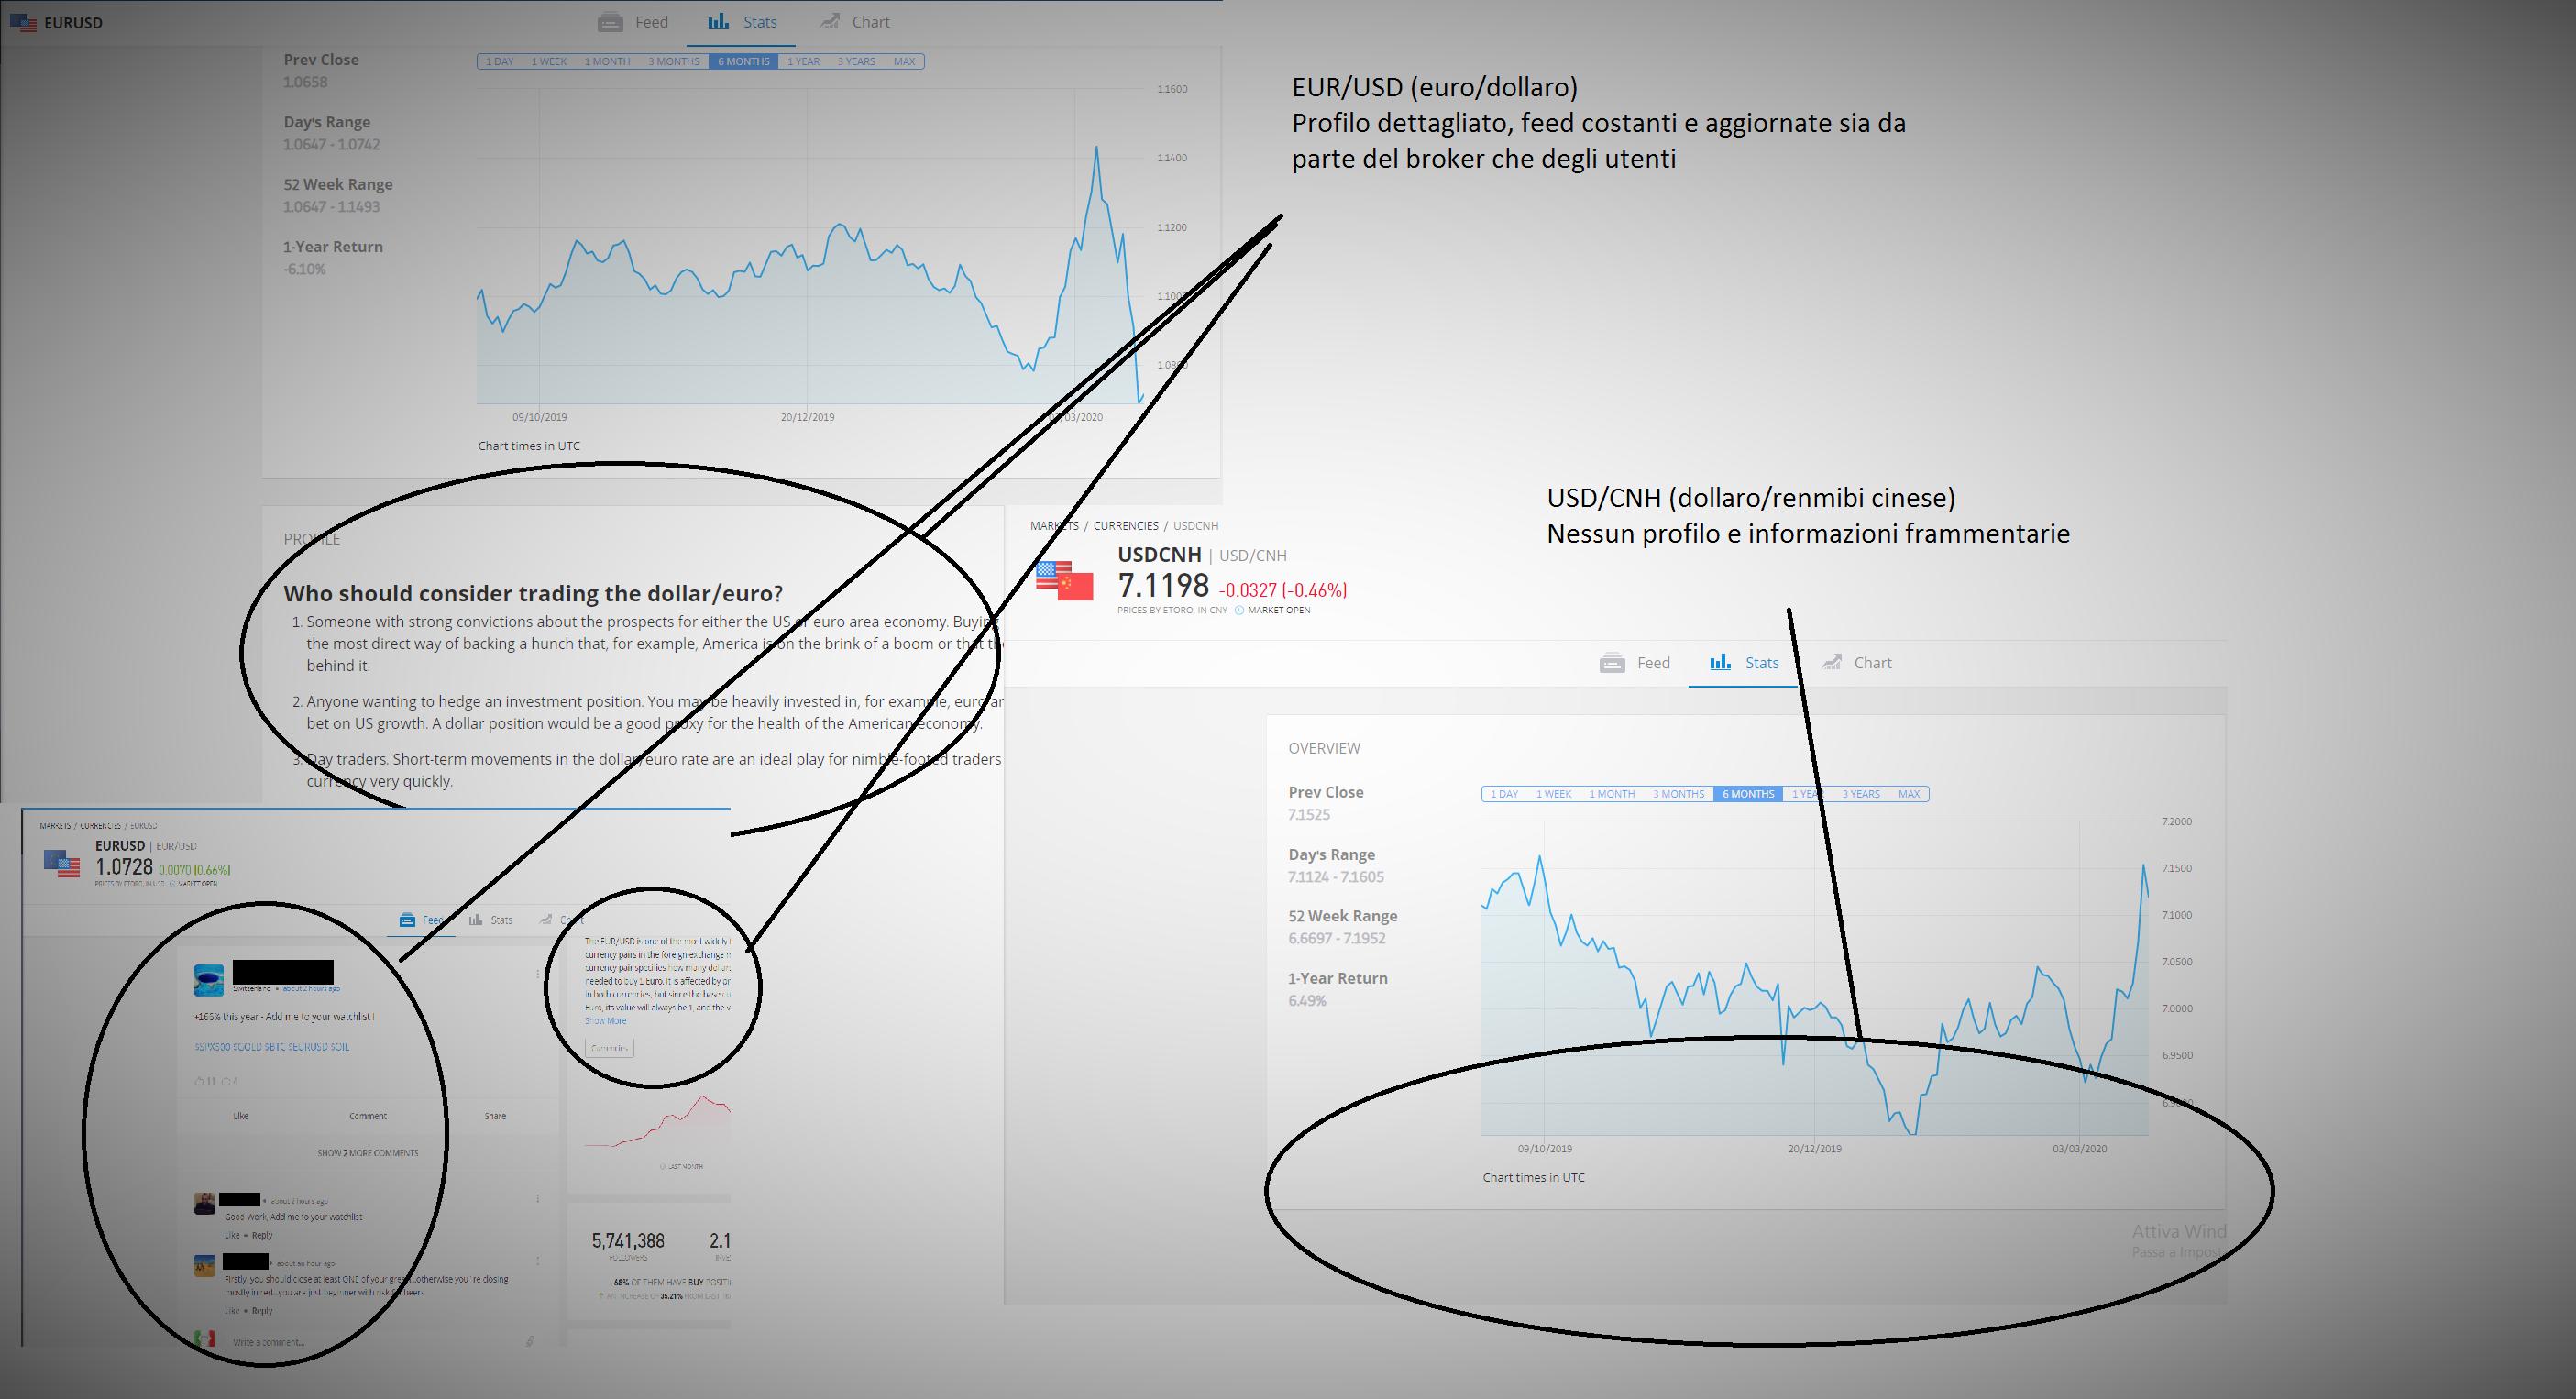 le principali valute del mercato forex